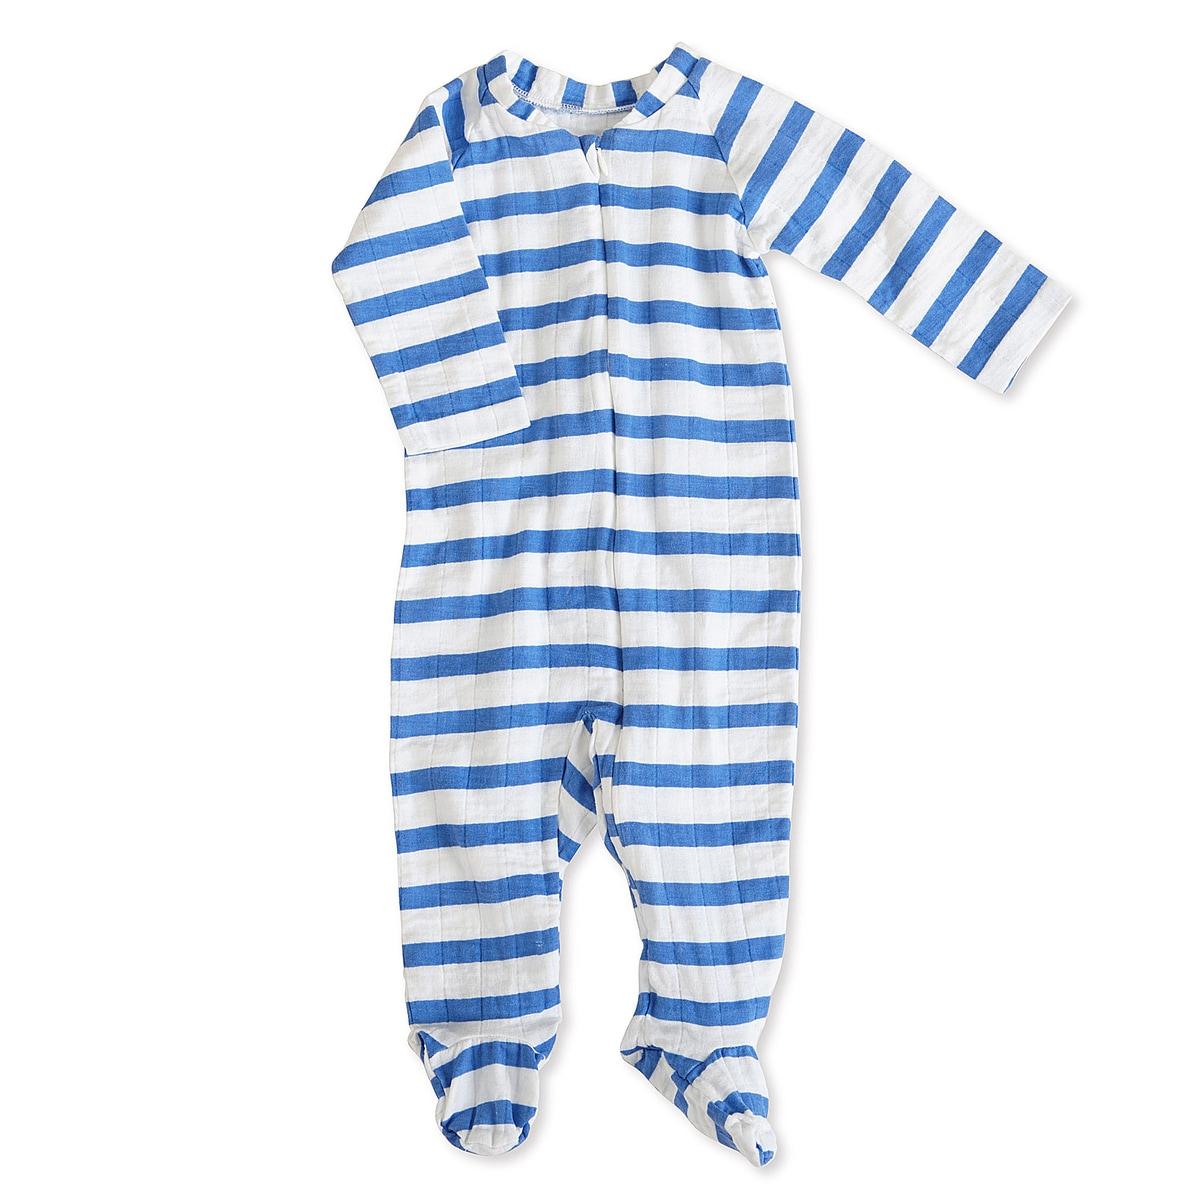 aden + anais Boys 6-9 Months Ultramarine Blazer Stripe Muslin Long-Sleeve Zip One Piece